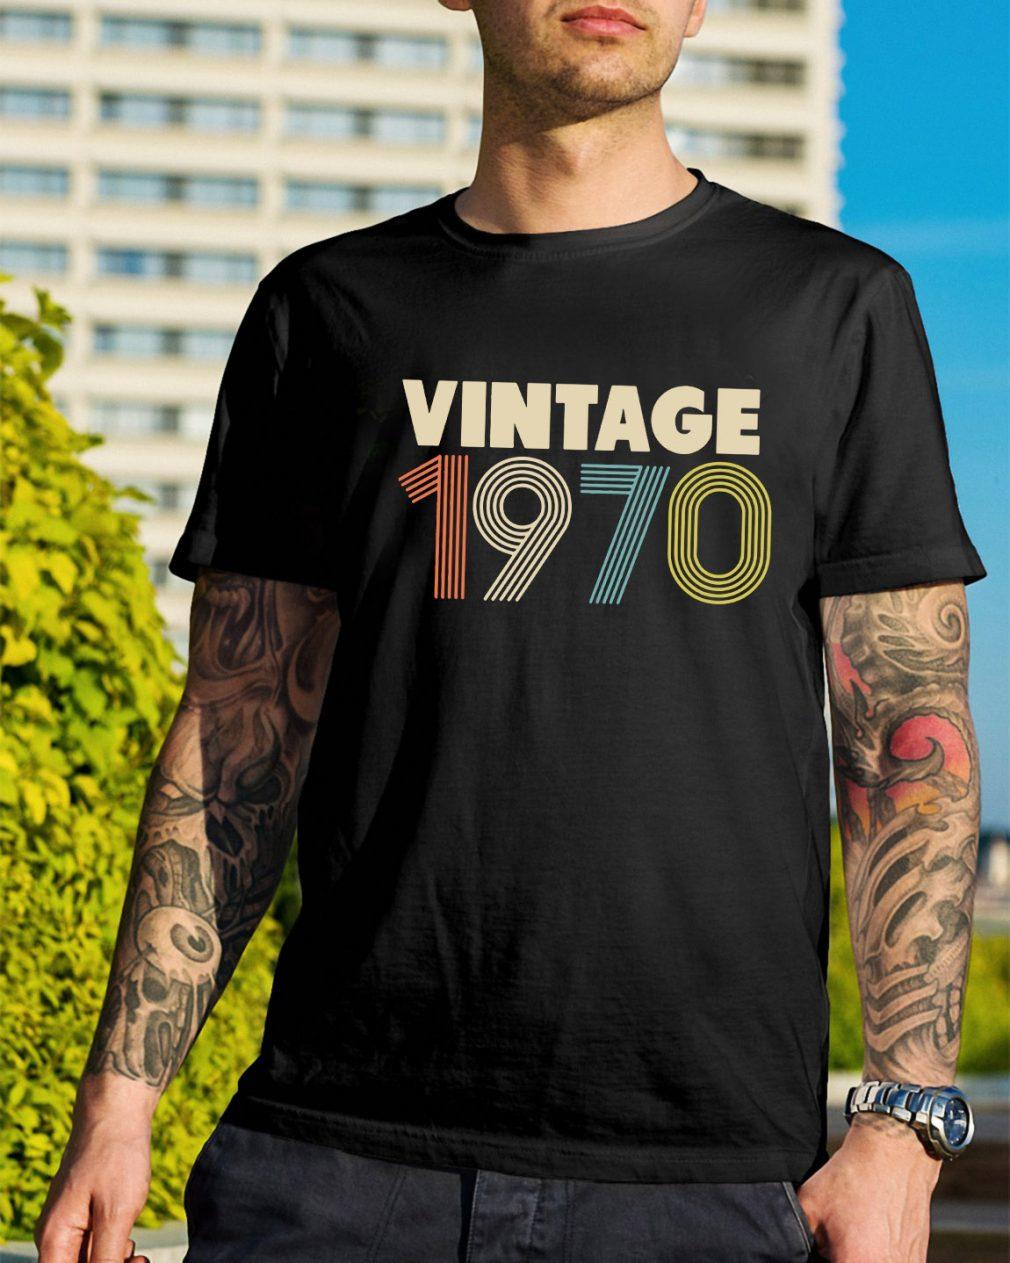 Retro Vintage 1970 48th Birthday shirt